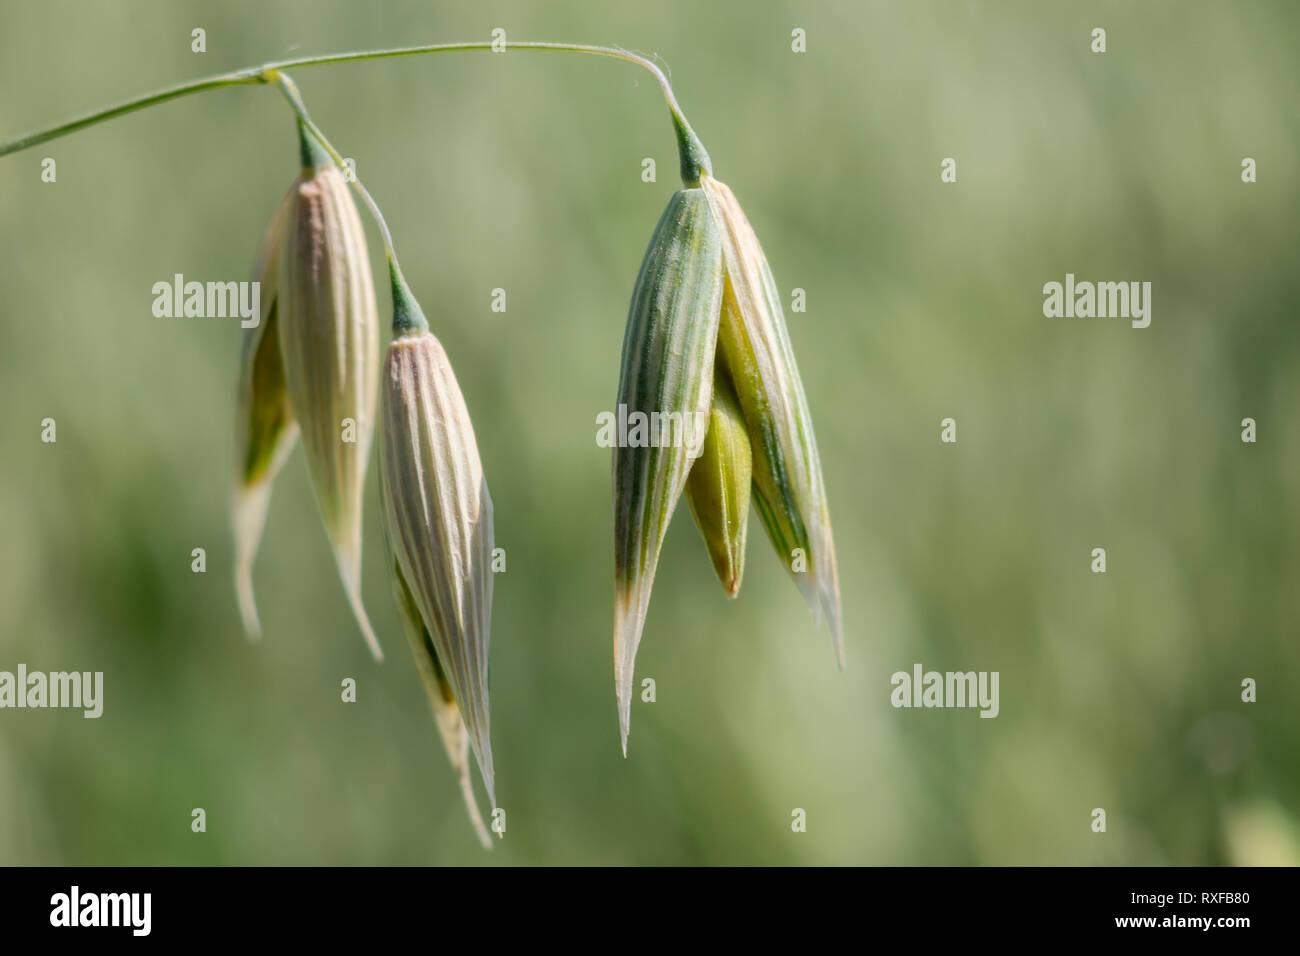 Hafer Getreide - 2 Haferblüten im Vordergrund mit unscharfem Hintergrund - Stock Image